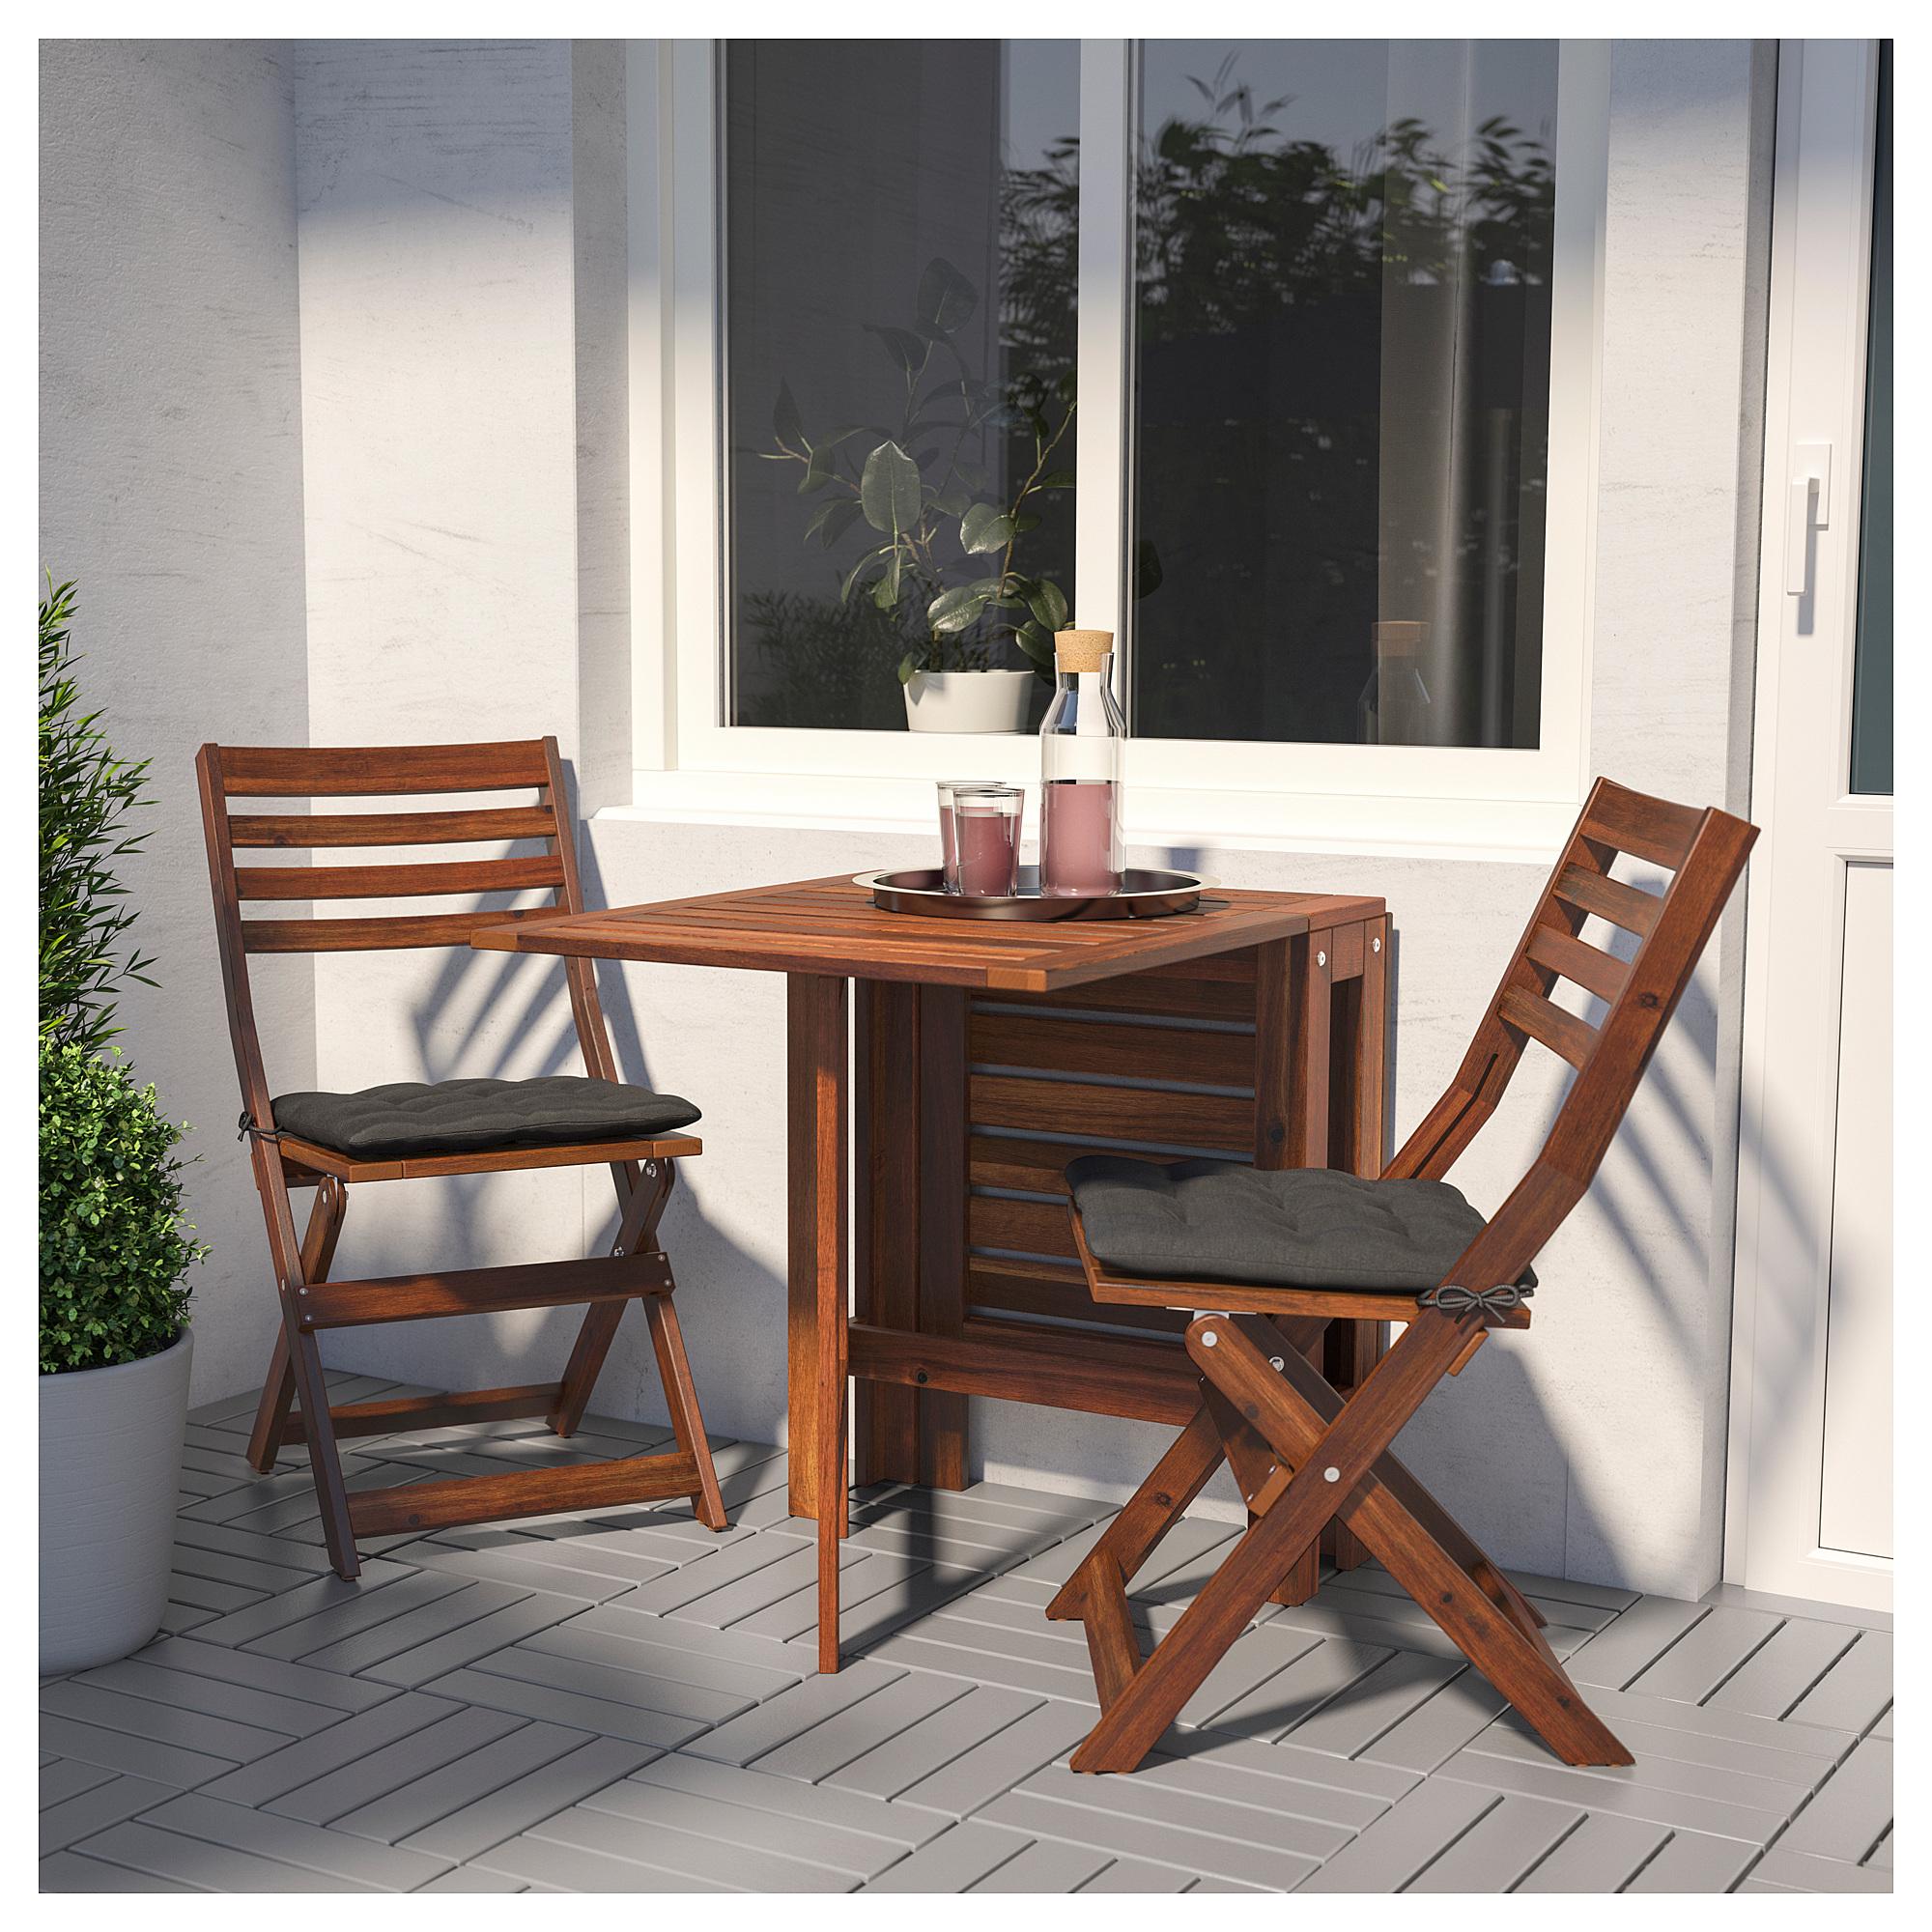 Стол + 2 складных стула для сада ЭПЛАРО черный артикуль № 892.289.24 в наличии. Интернет магазин IKEA Республика Беларусь. Недорогая доставка и установка.